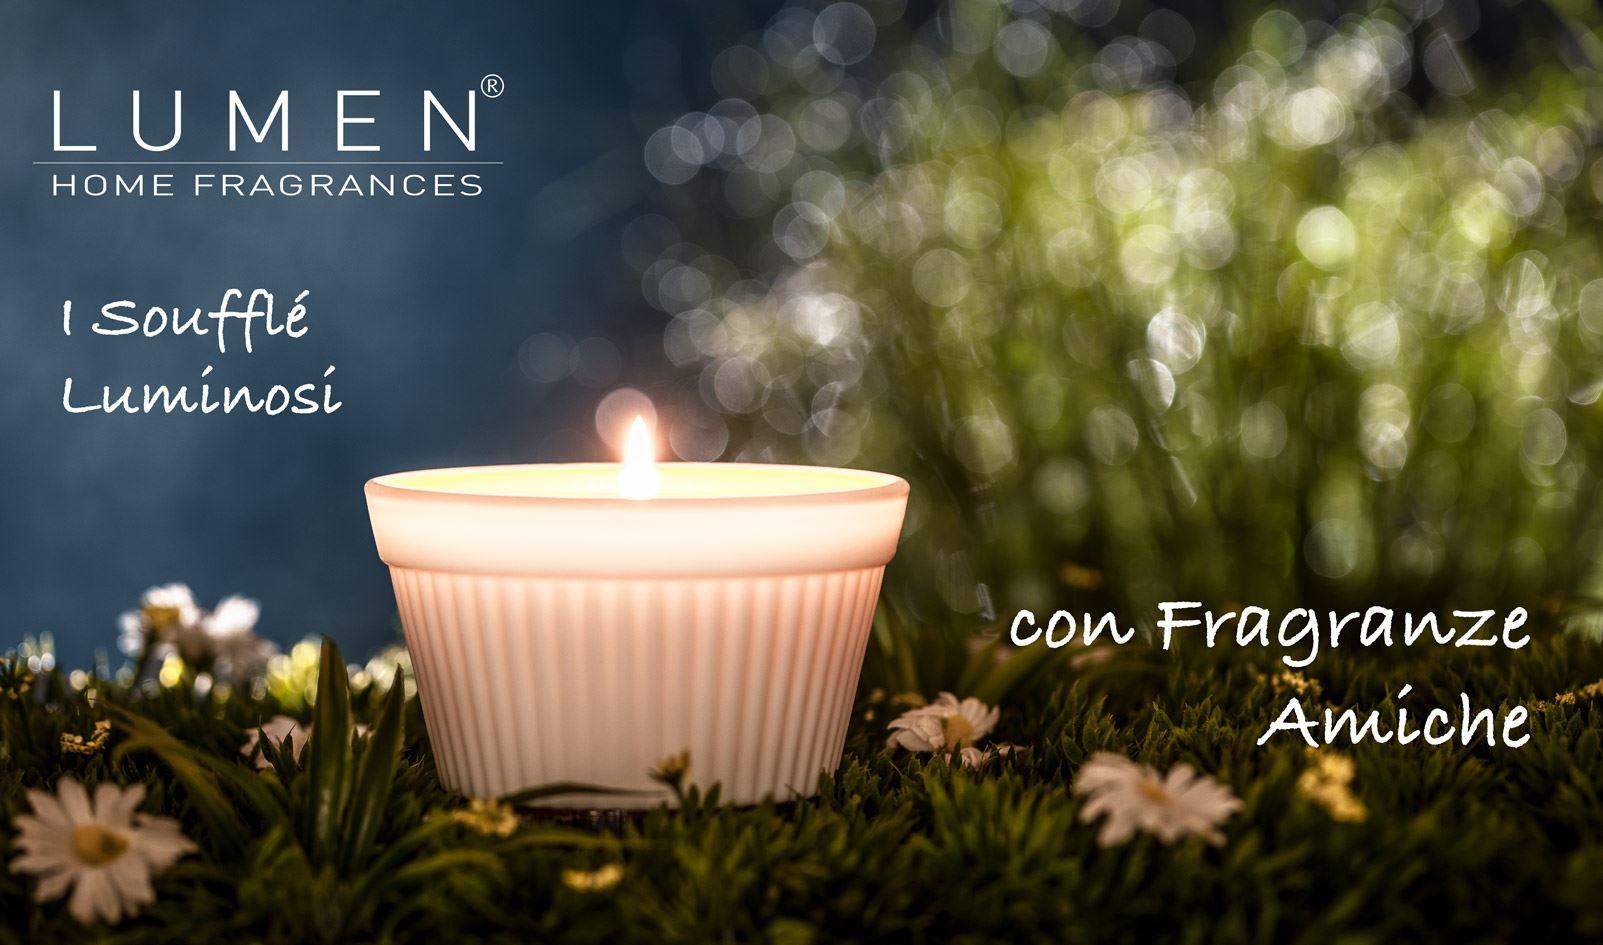 I Soufflé Luminosi, Candele Vegetali con Fragranze Amiche